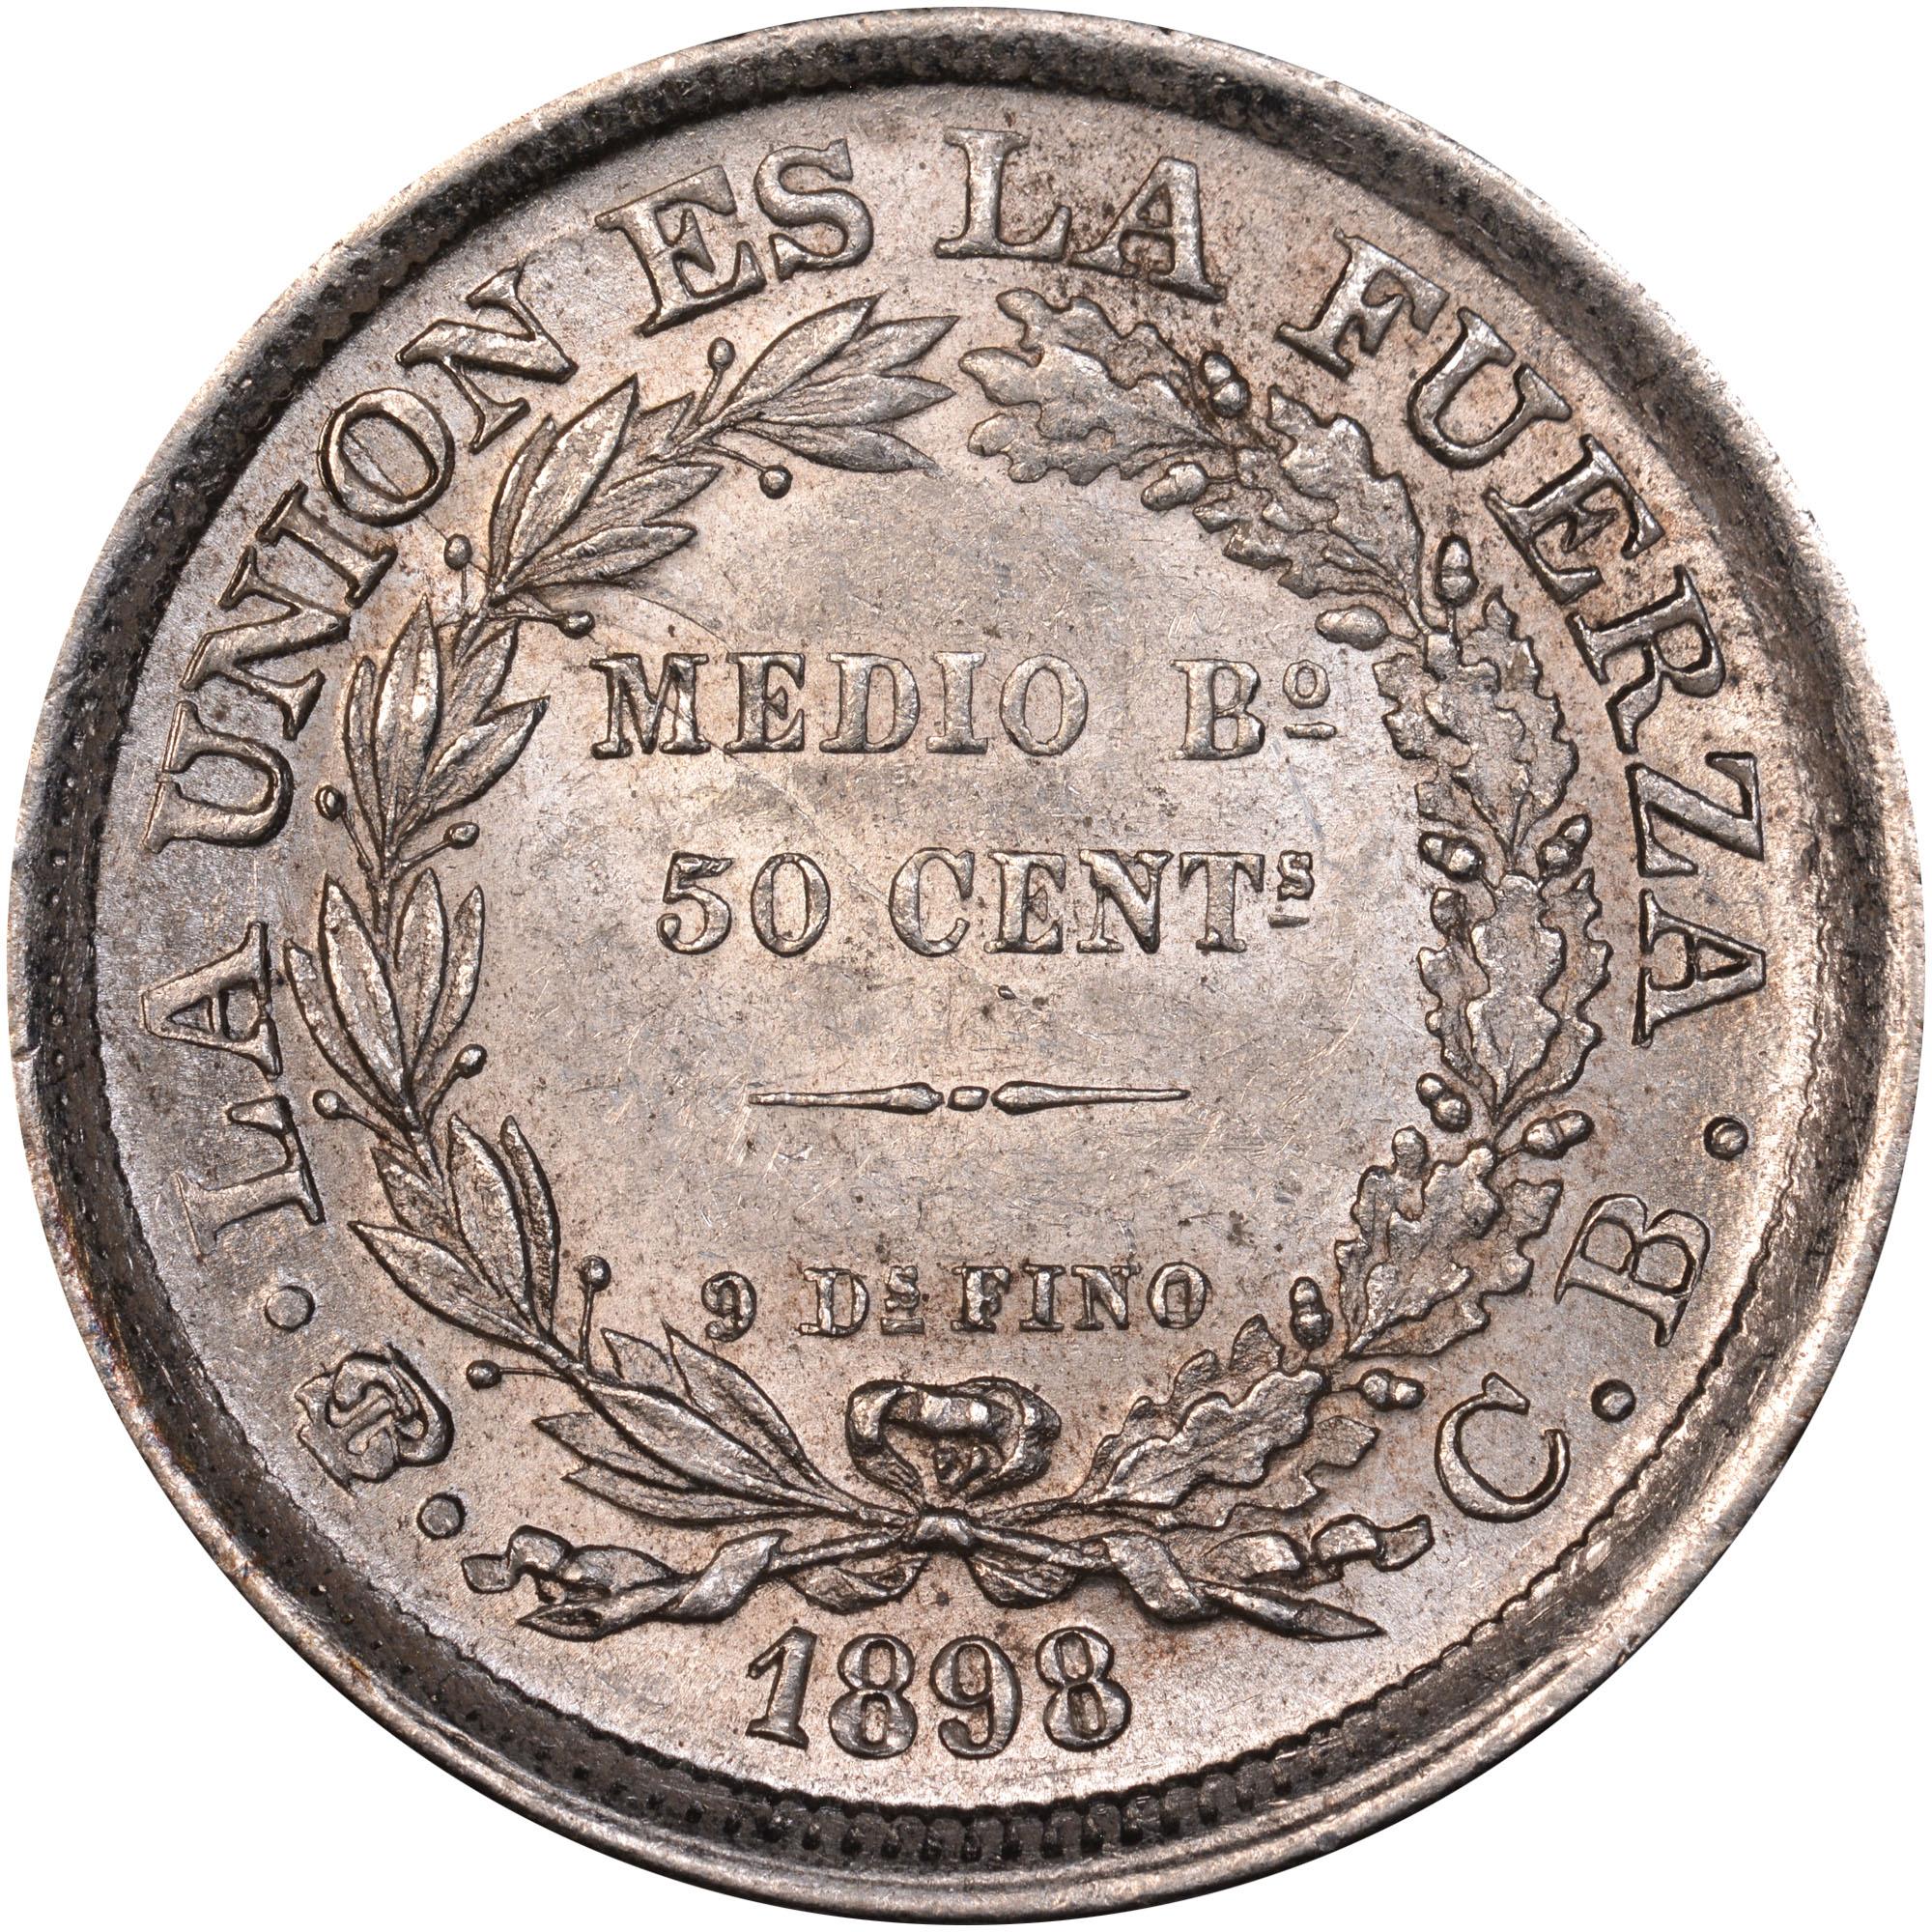 1891-1900 Bolivia 50 Centavos, 1/2 Boliviano reverse